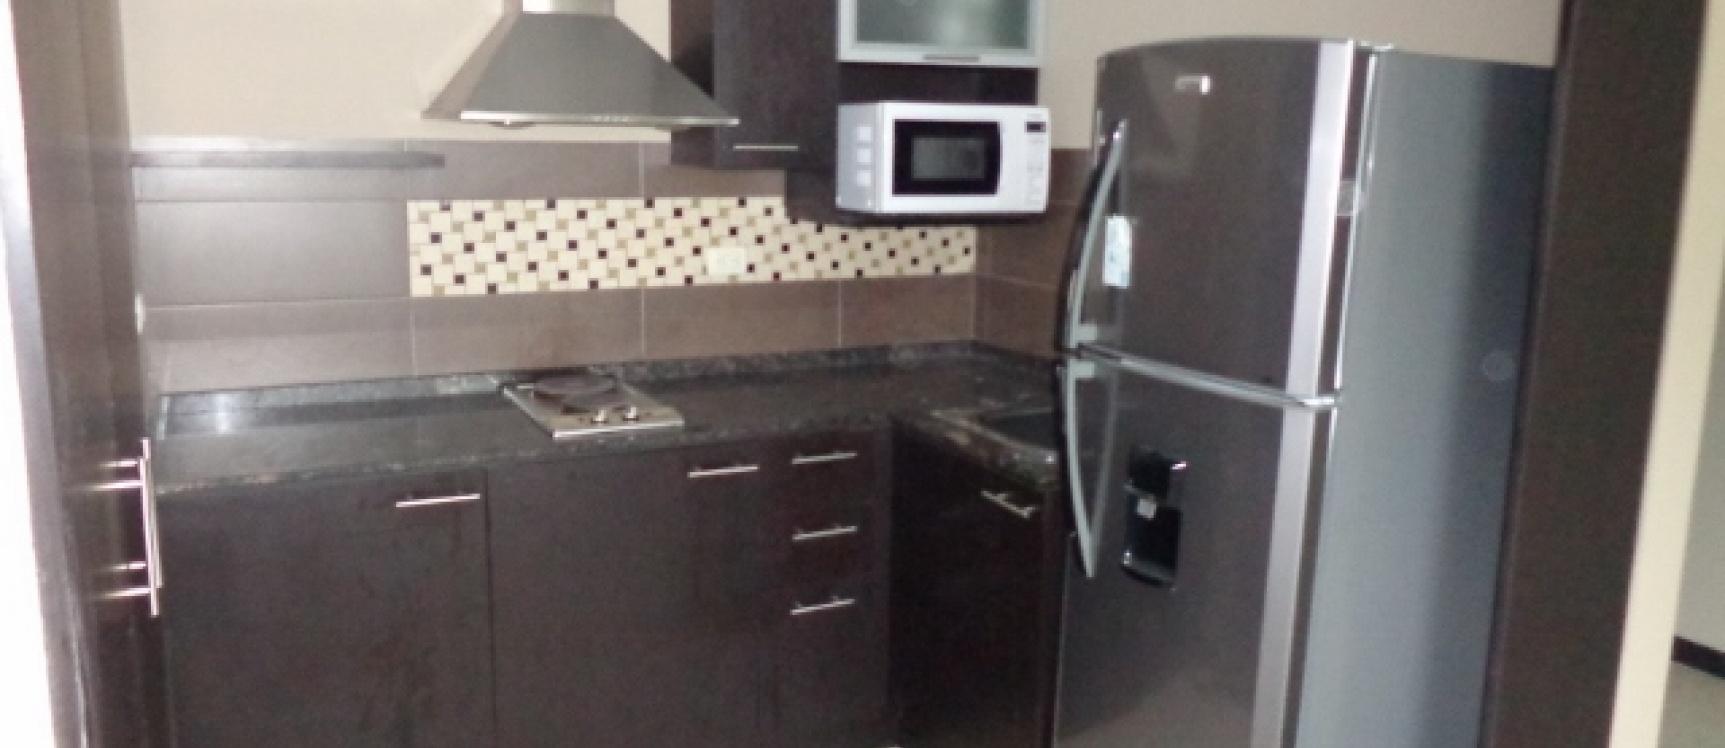 GeoBienes - Suite en Alquiler en Ciudad del Rio Bellini, Guayaquil. - Plusvalia Guayaquil Casas de venta y alquiler Inmobiliaria Ecuador